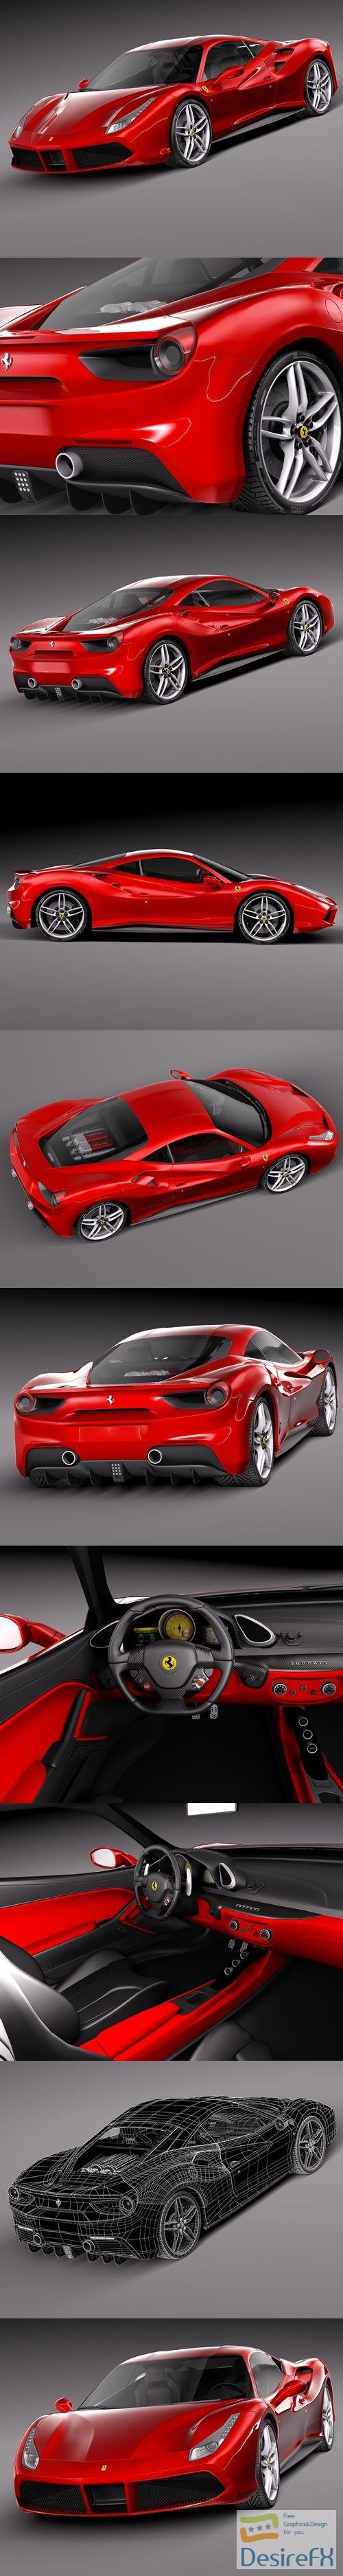 3d-models - Ferrari 488 GTB 2016 3D Model